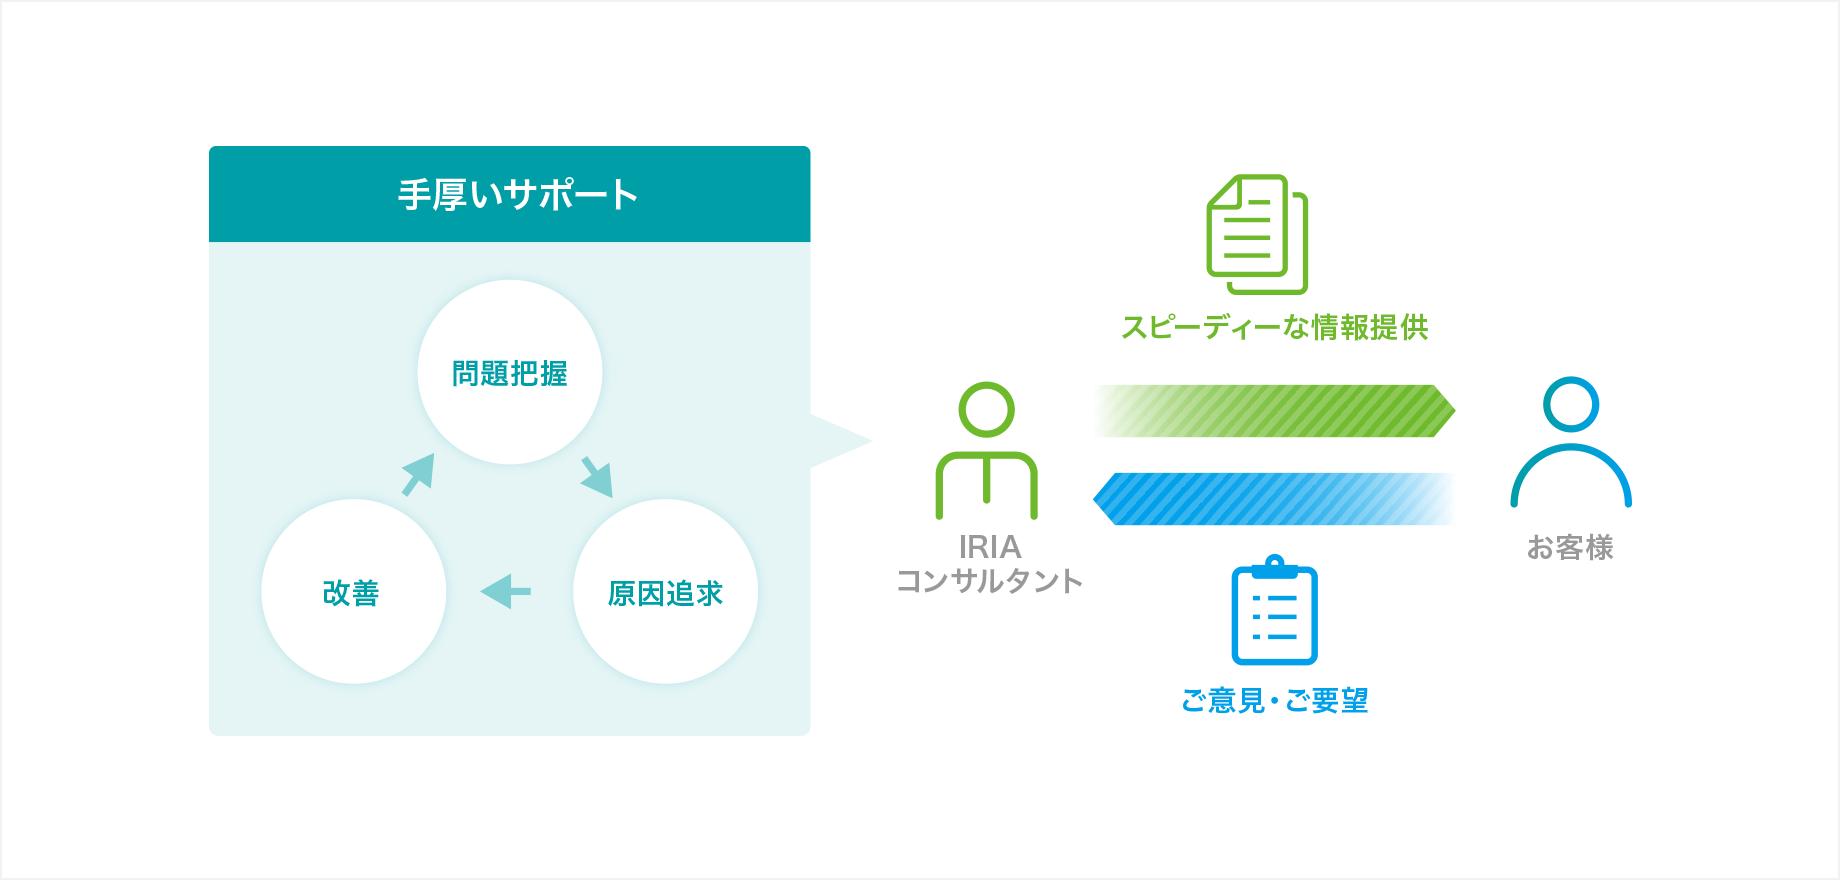 アフターサポートイメージ図